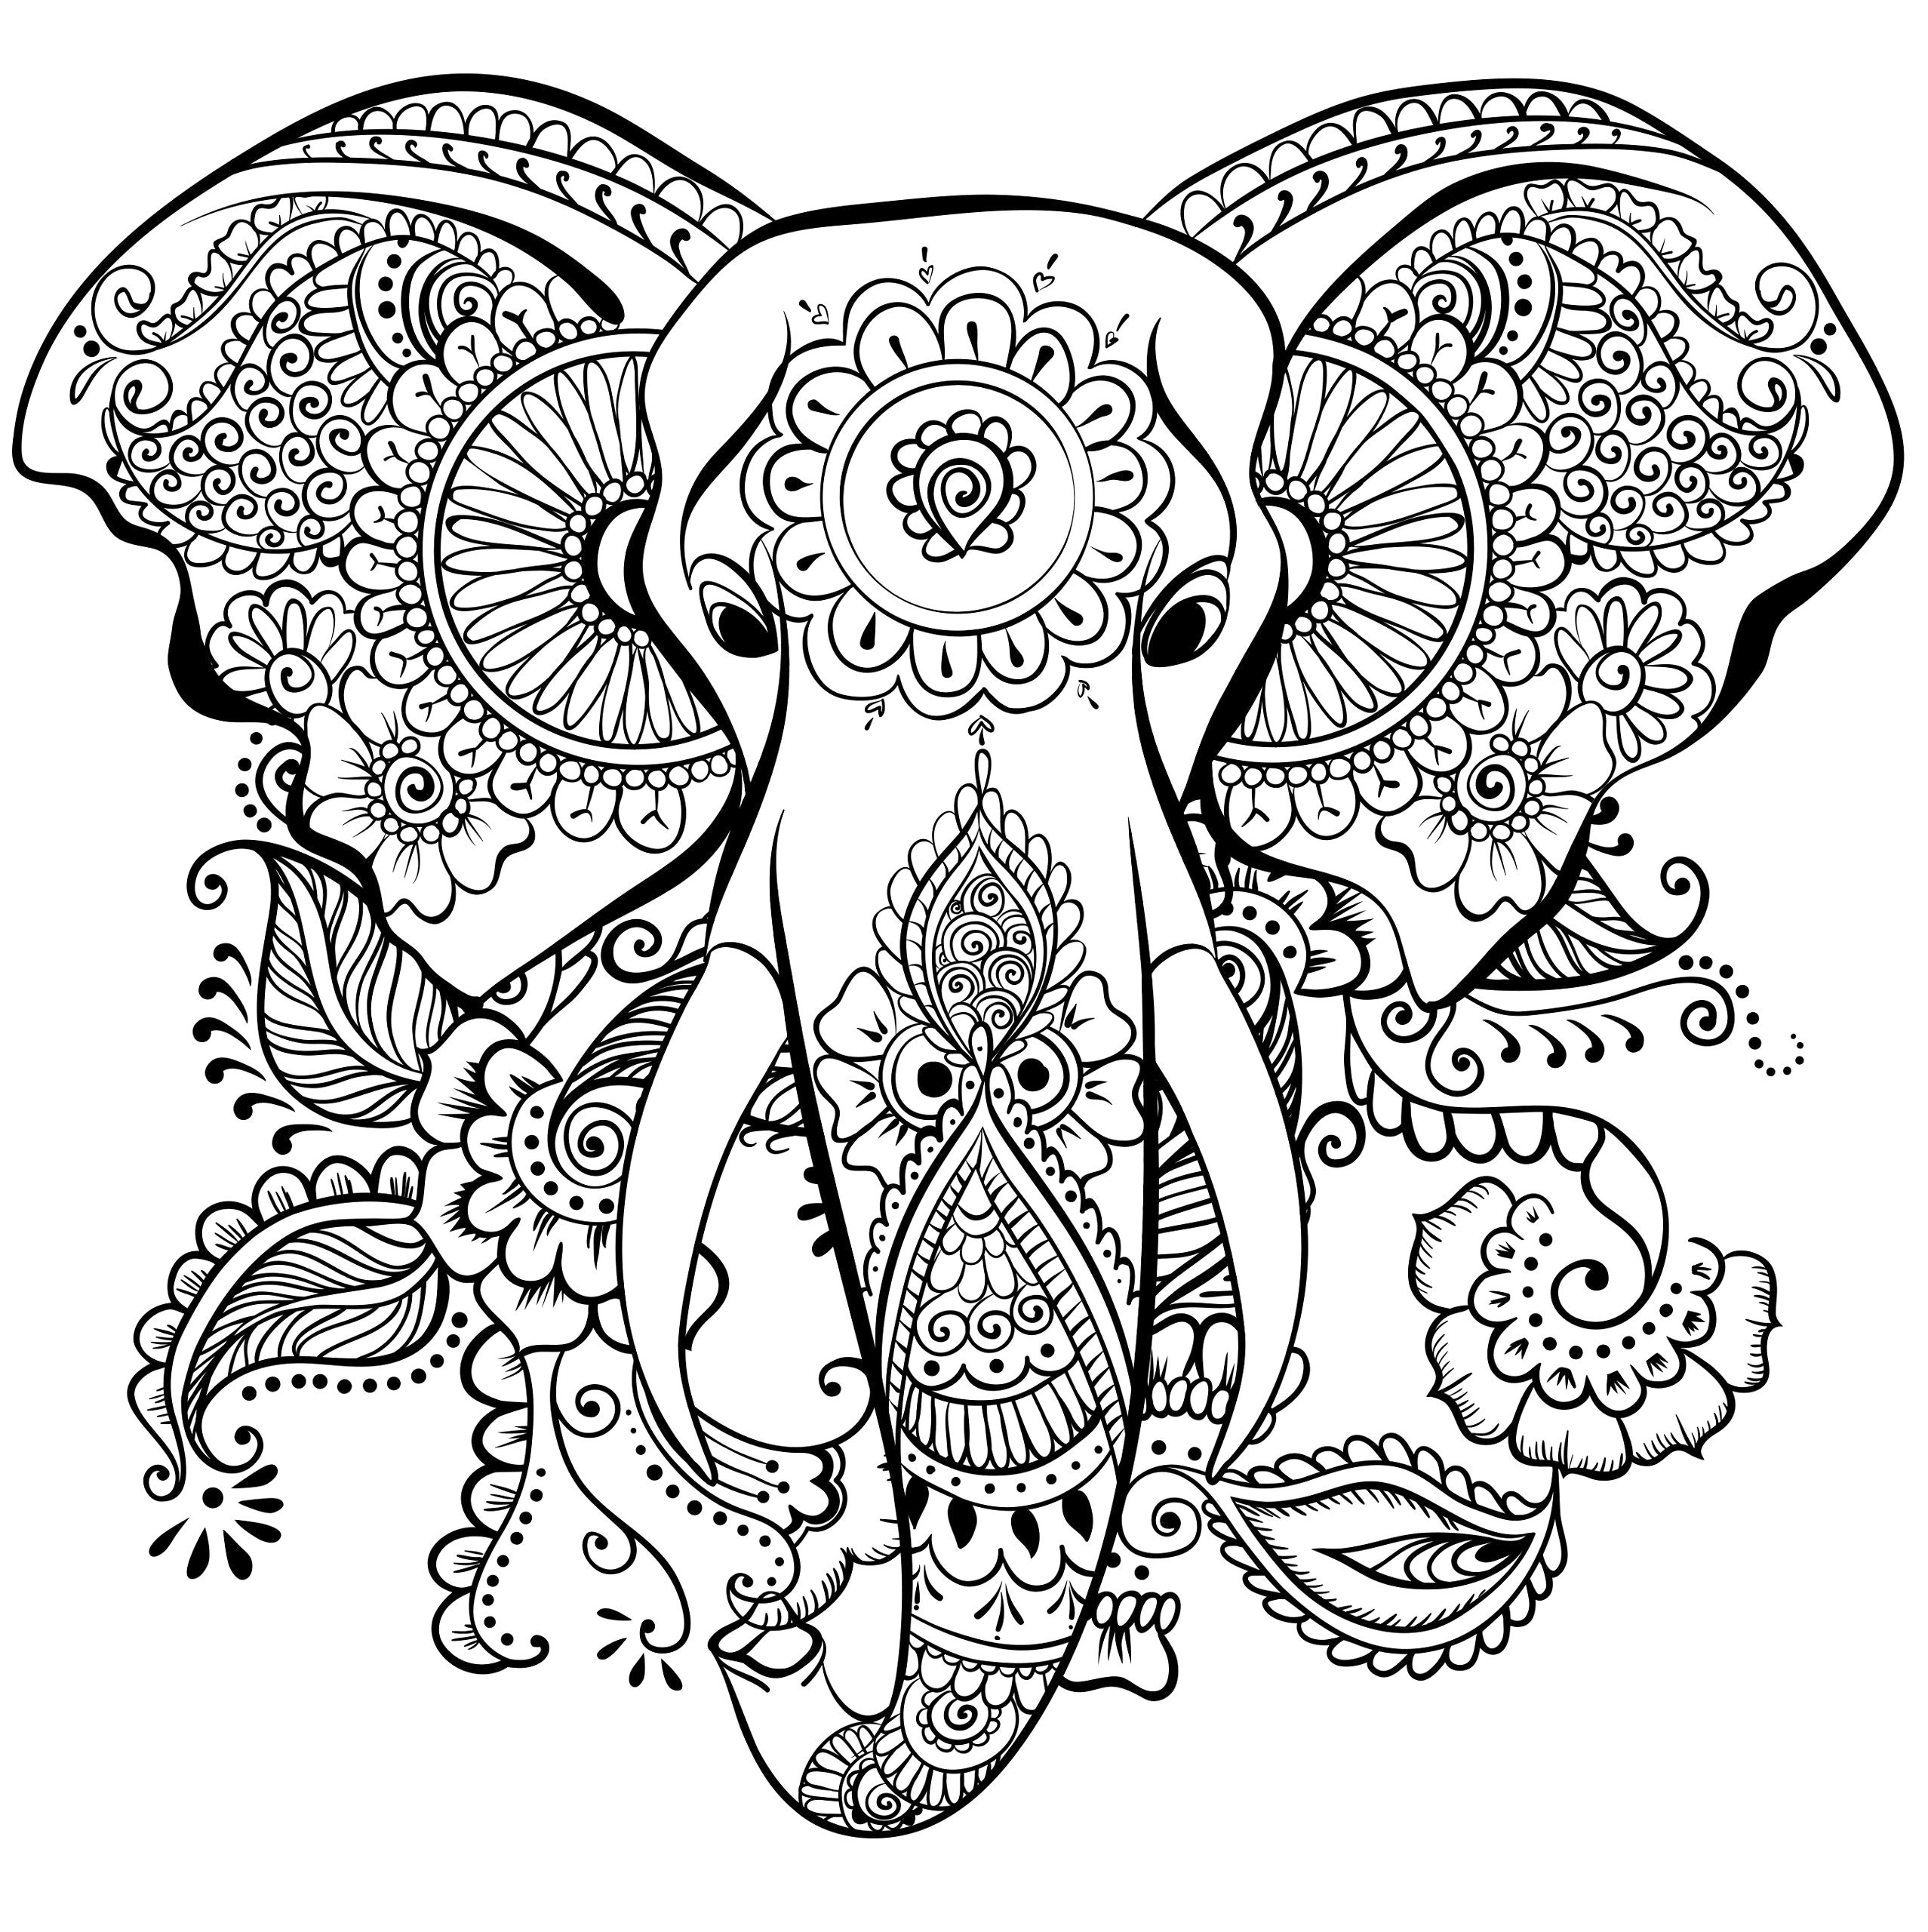 Ausmalbilder Für Erwachsene Elefant Frisch 100 Schöne Ausmalbilder Für Erwachsene Bilder Ideen Fotos